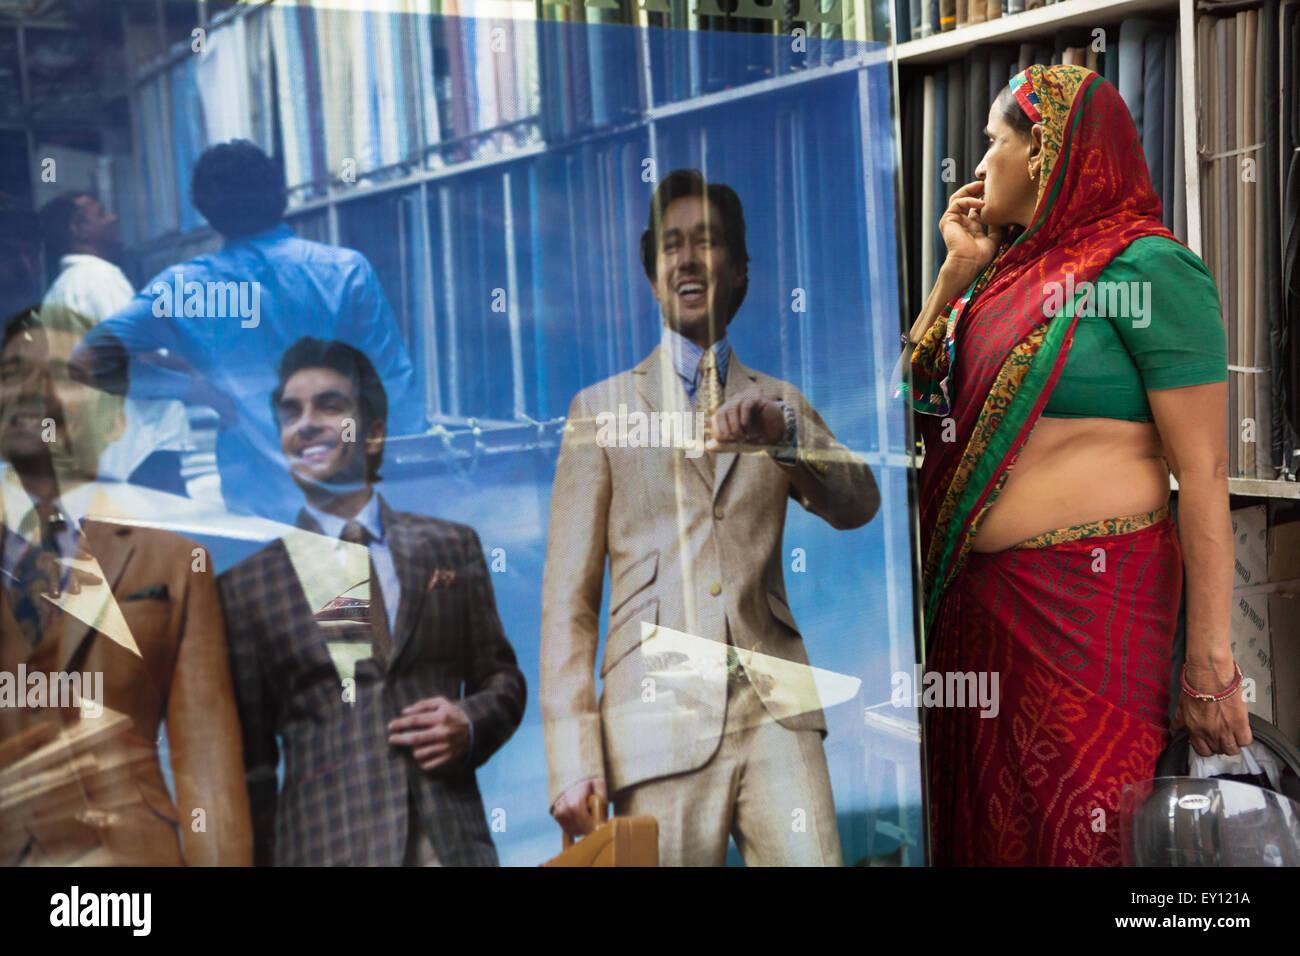 Una donna che indossa tradizionale sari sorge in un moderno uomini negozio di abbigliamento a Jaipur, India. © Immagini Stock